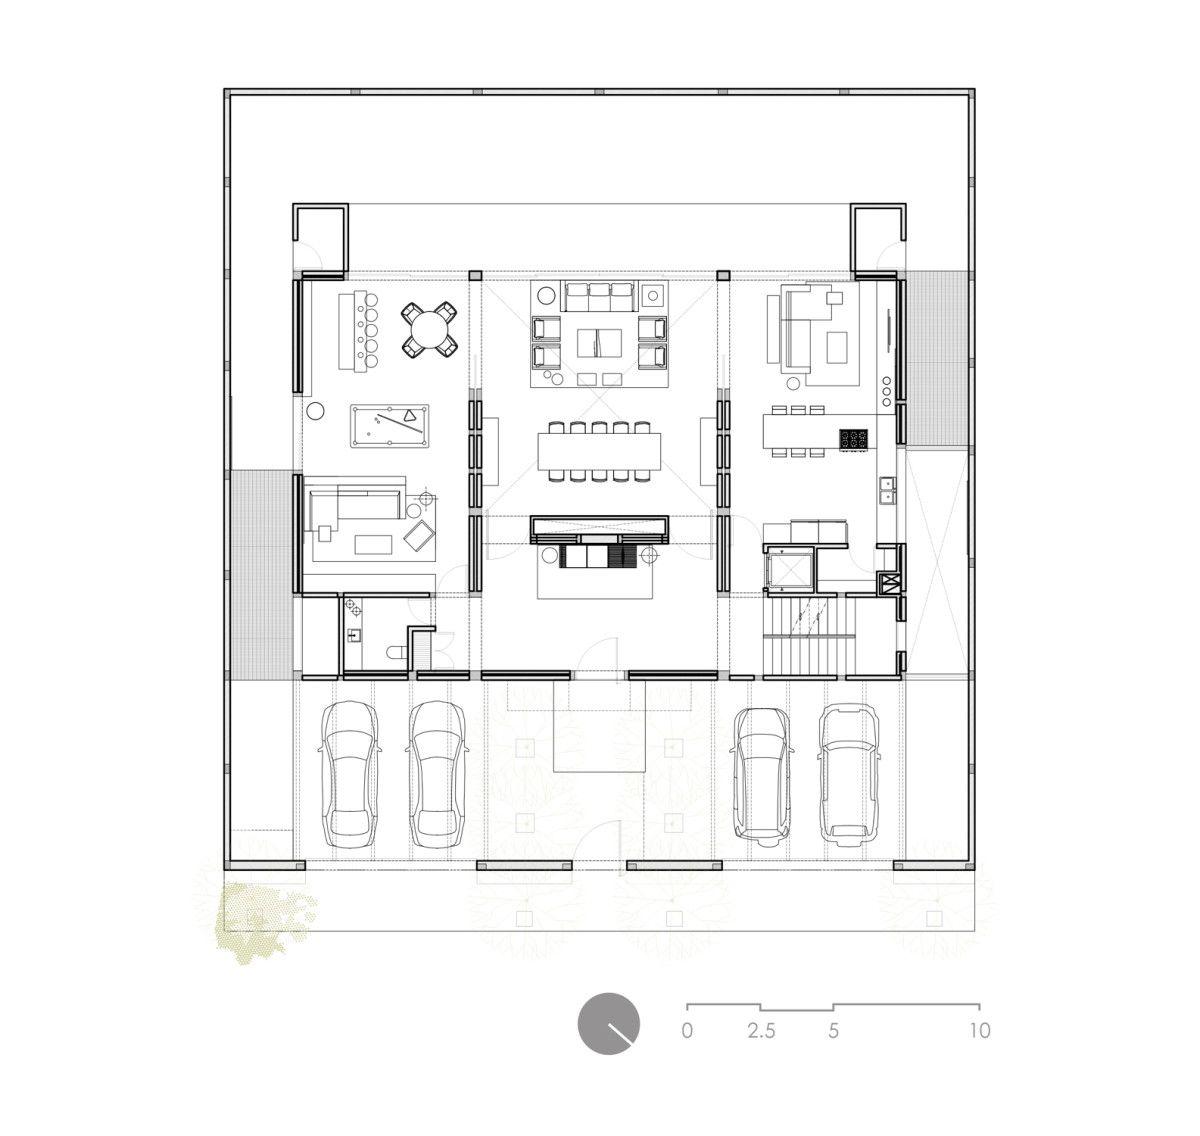 Campo baeza domus aurea monterrey 10 viviendas - Planos de casas unifamiliares ...